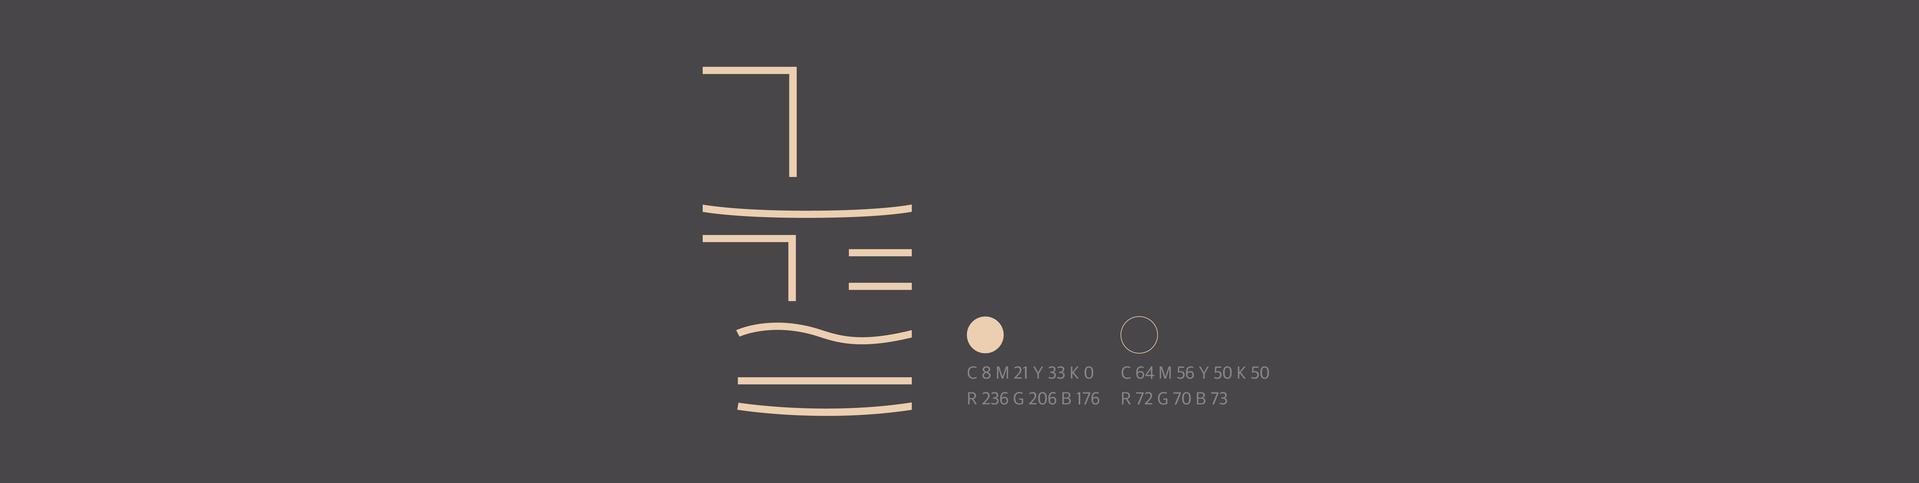 송리단길 맛집 송리단길 한식주점 로고 디자인 한식주점 로고 브랜드 디자인 송리단길 로고